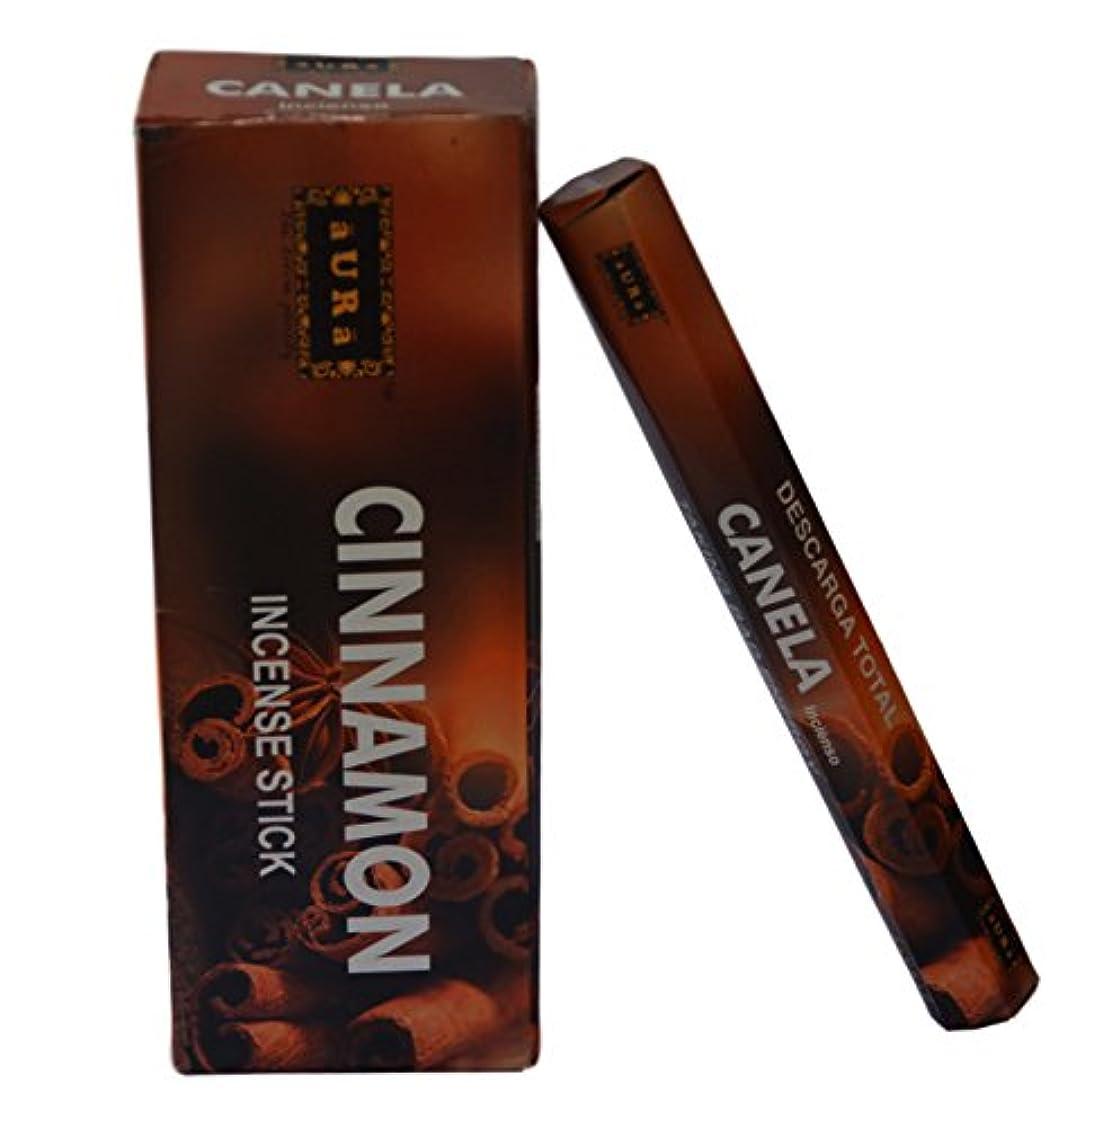 オッズ覚醒体系的にオーラCinnamon Scented Incense Sticks、プレミアム天然Incense Sticks、六角packing- 120 Sticks